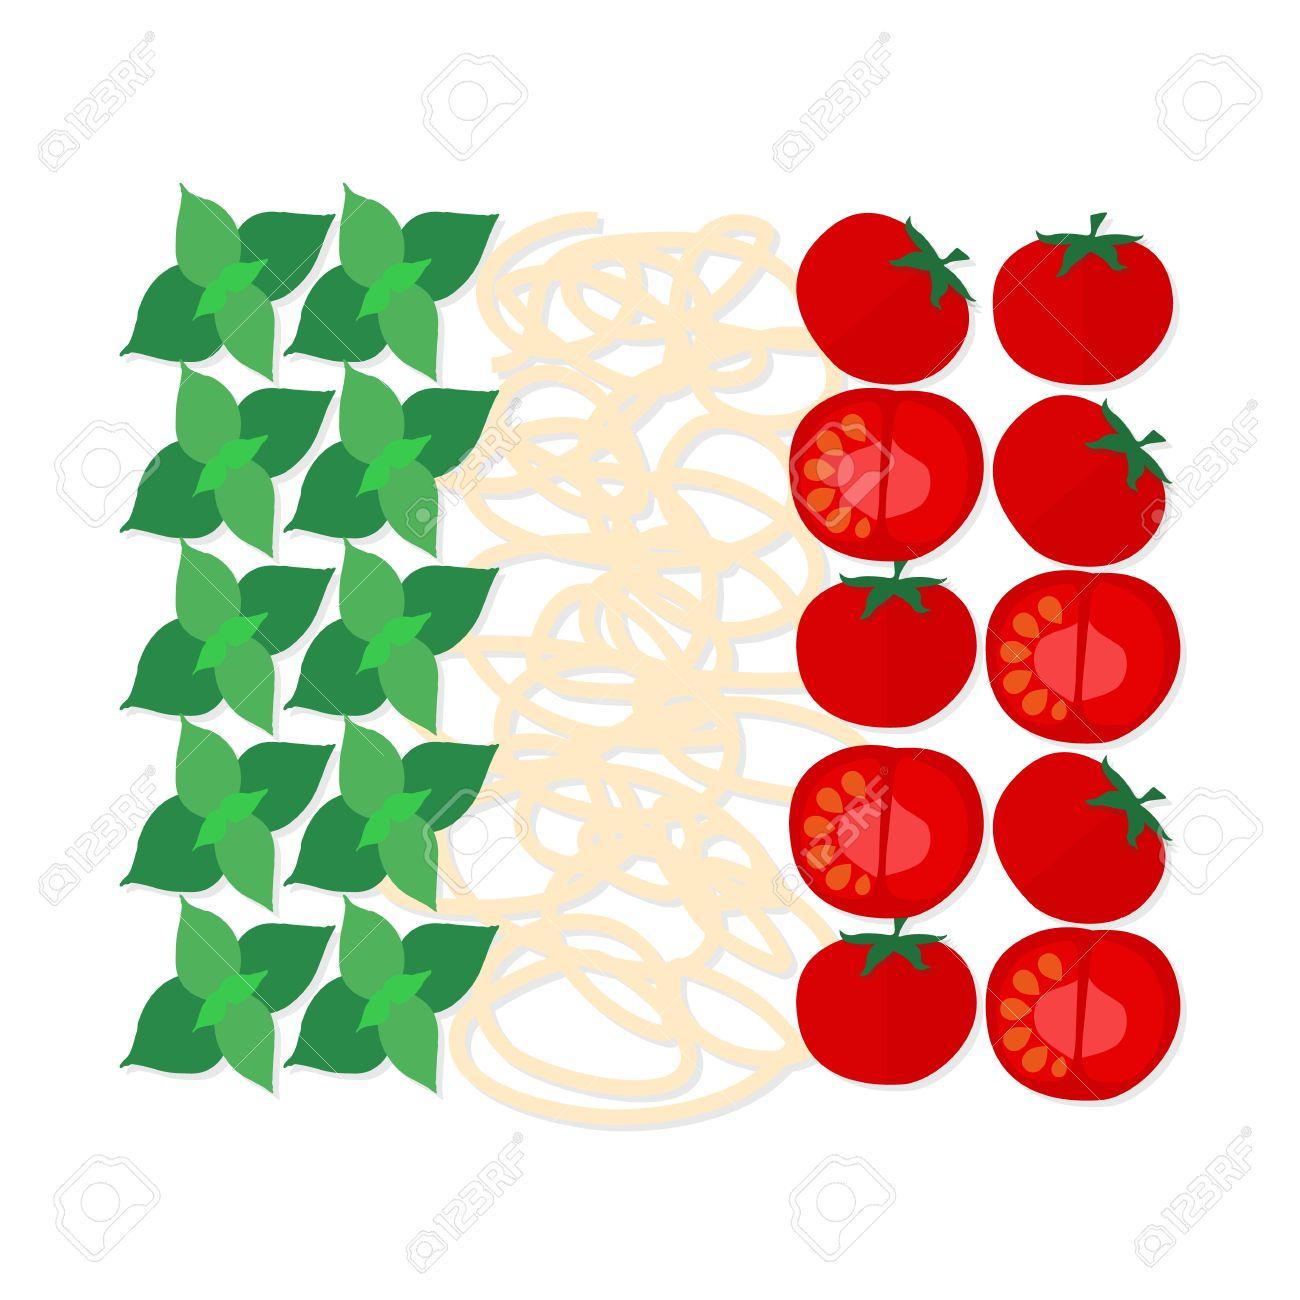 Piatto Design Simbolo Della Cucina Tradizionale Italiana, I Colori ...